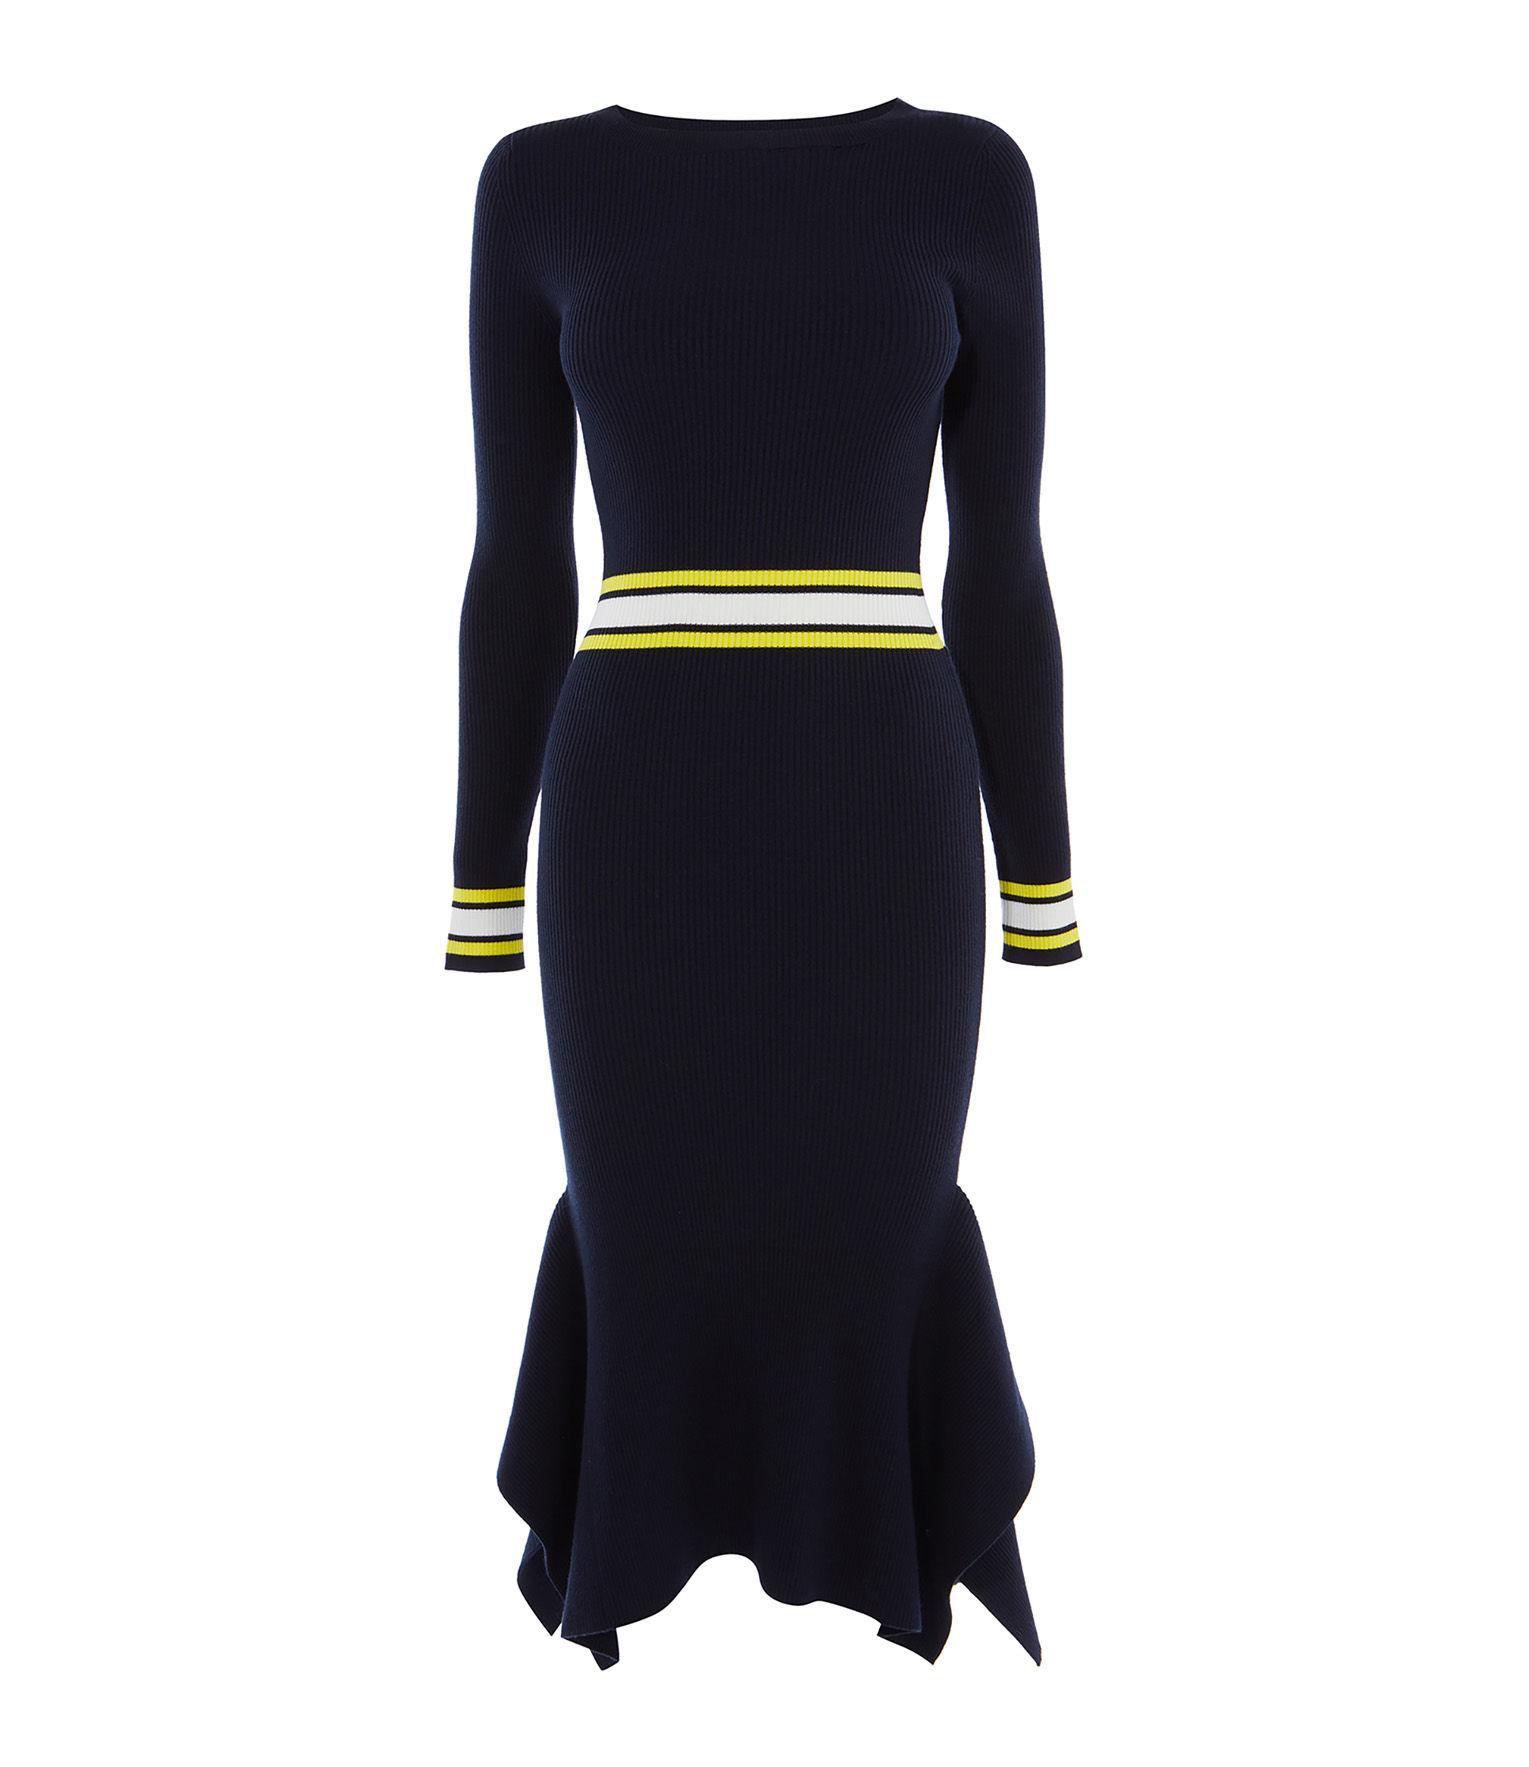 31c44a278d Lyst - Karen Millen Frill Hem Knitted Dress in Blue